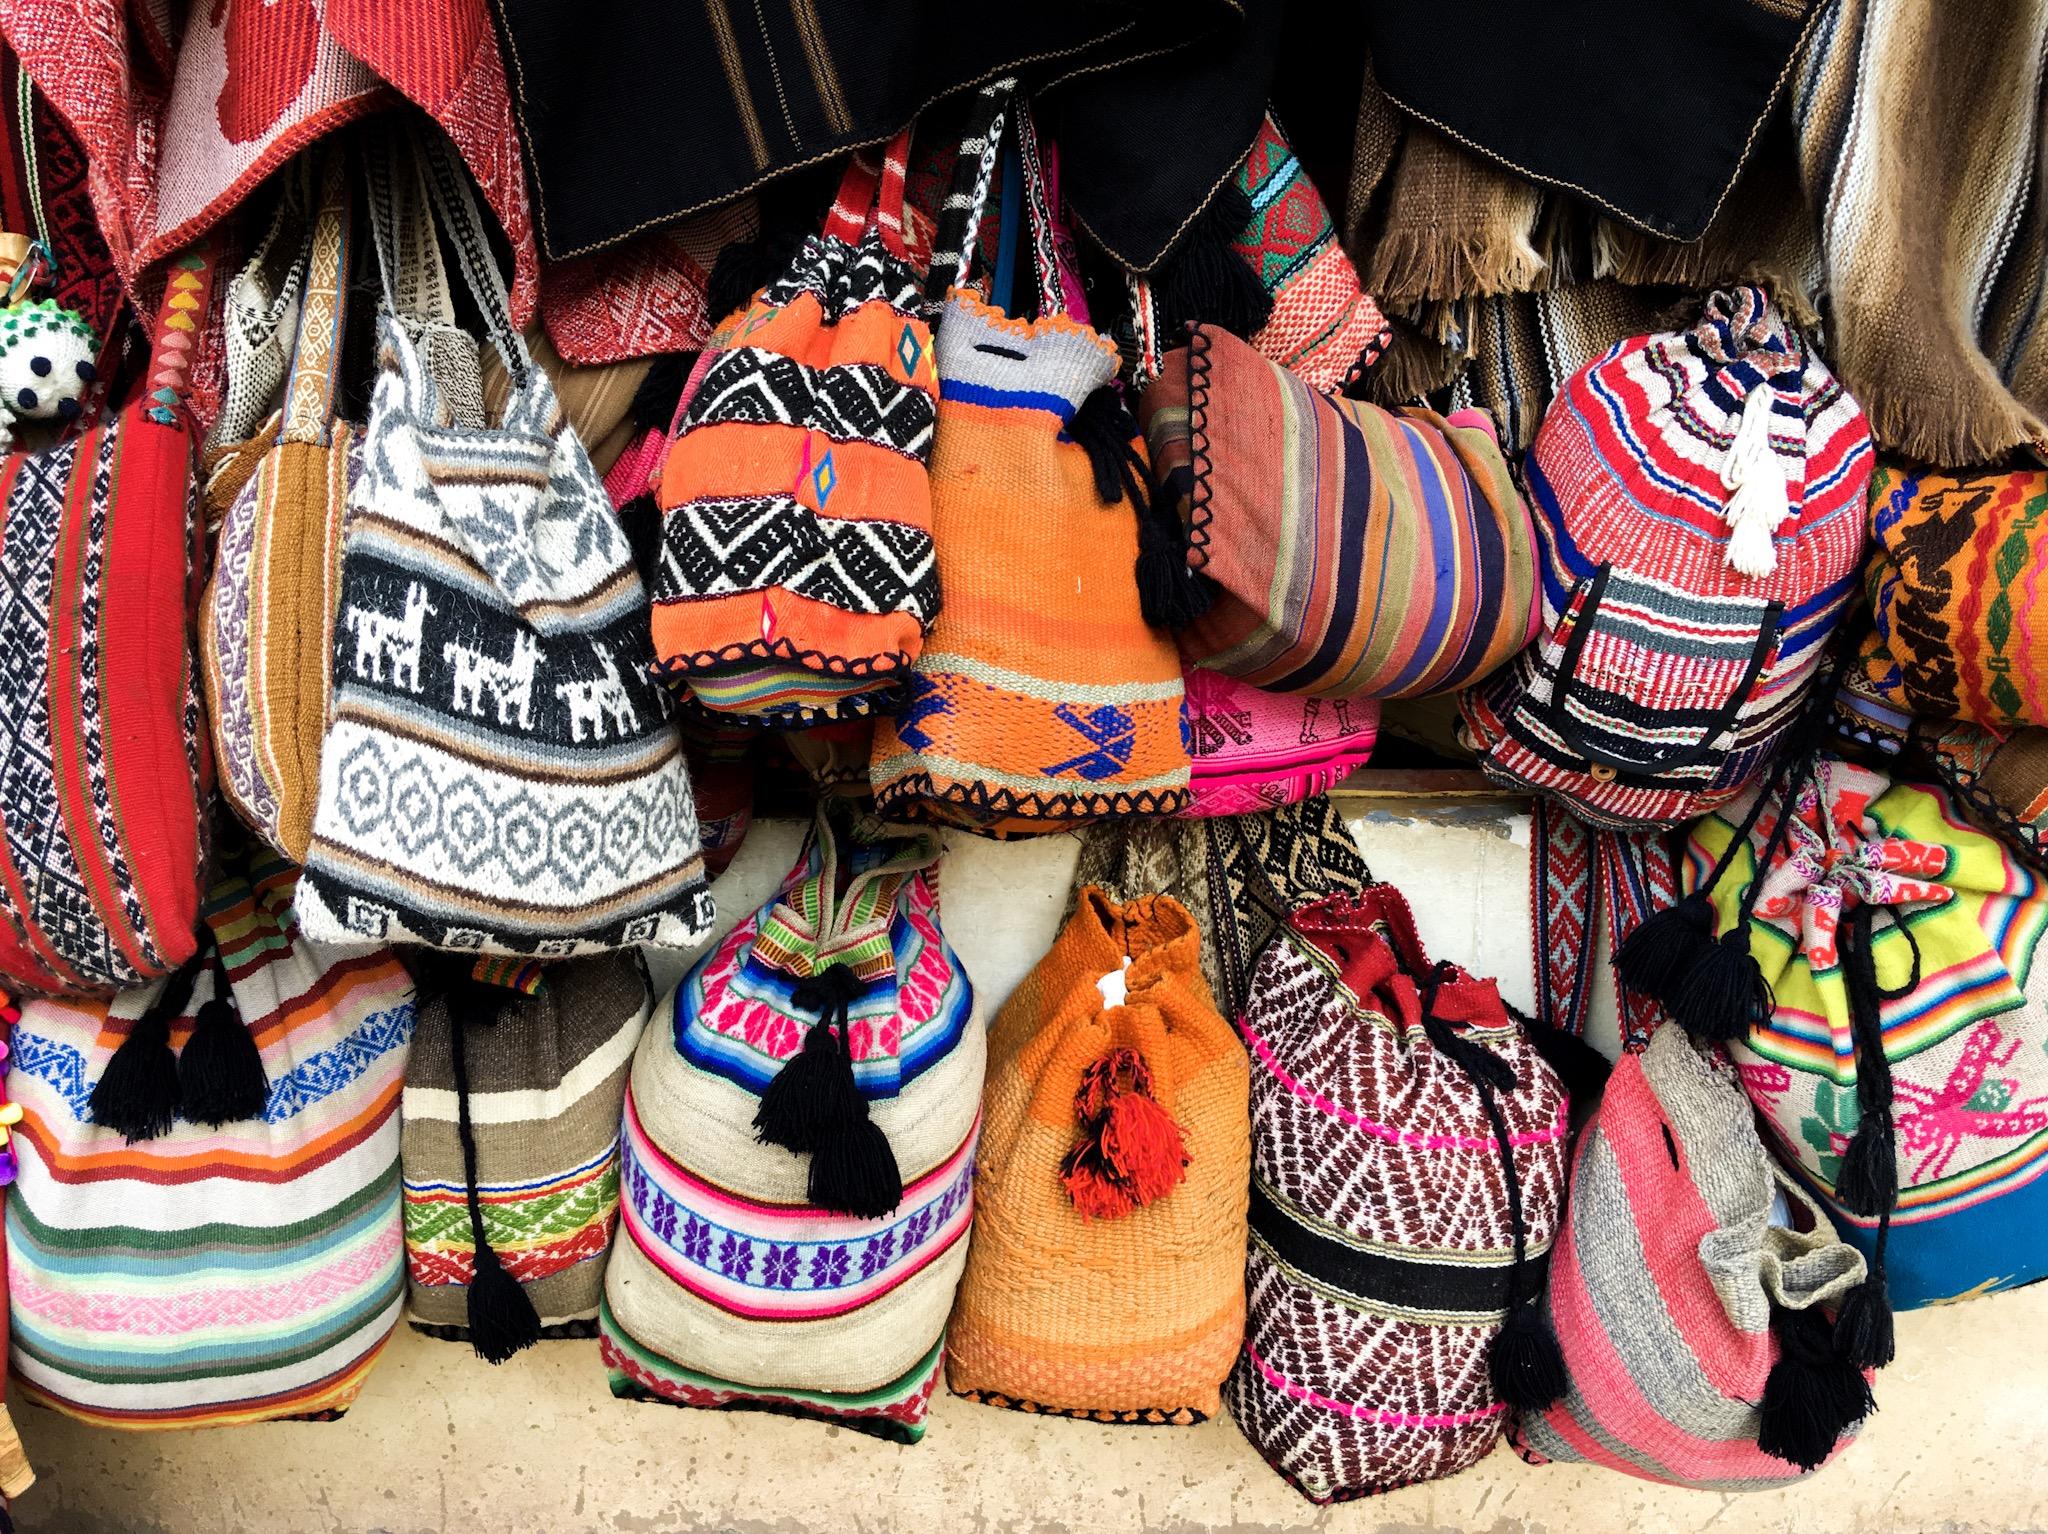 Borse fatte a mano-Cusco